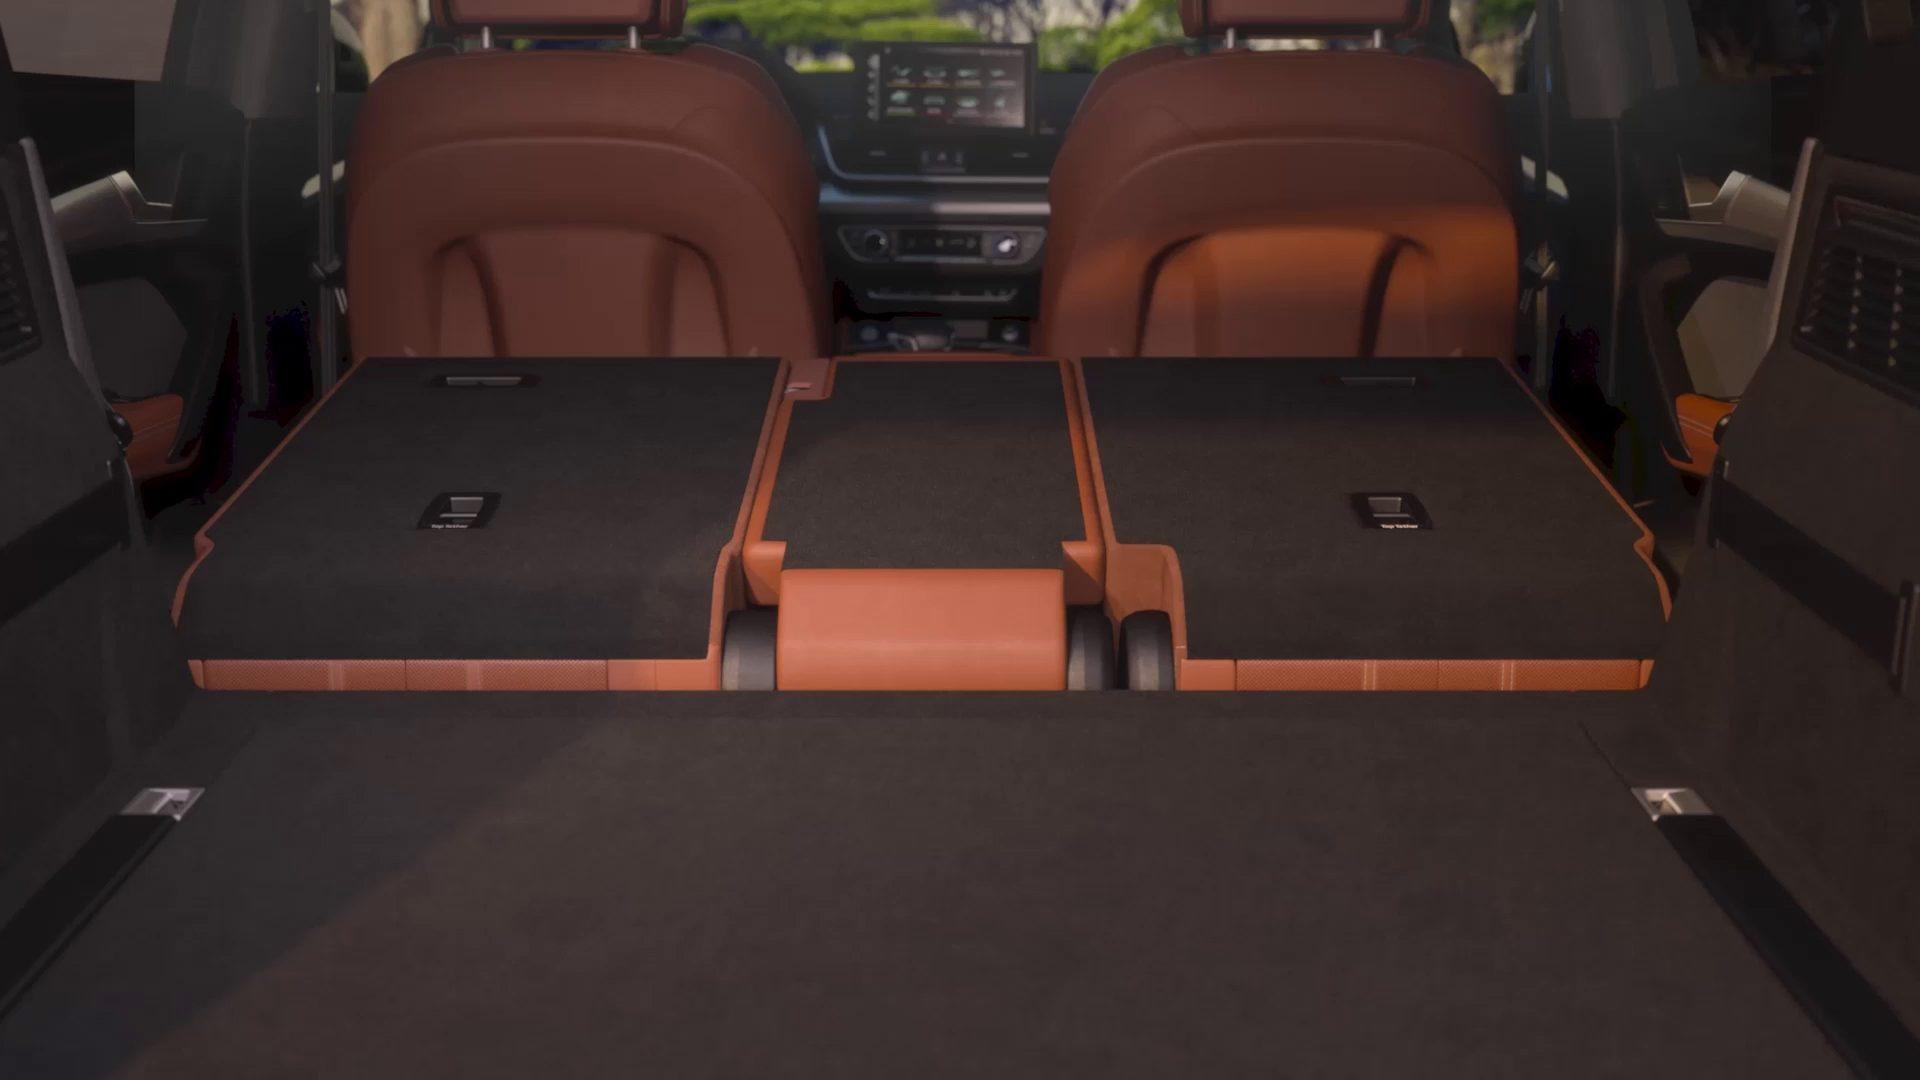 audi q fold down seats